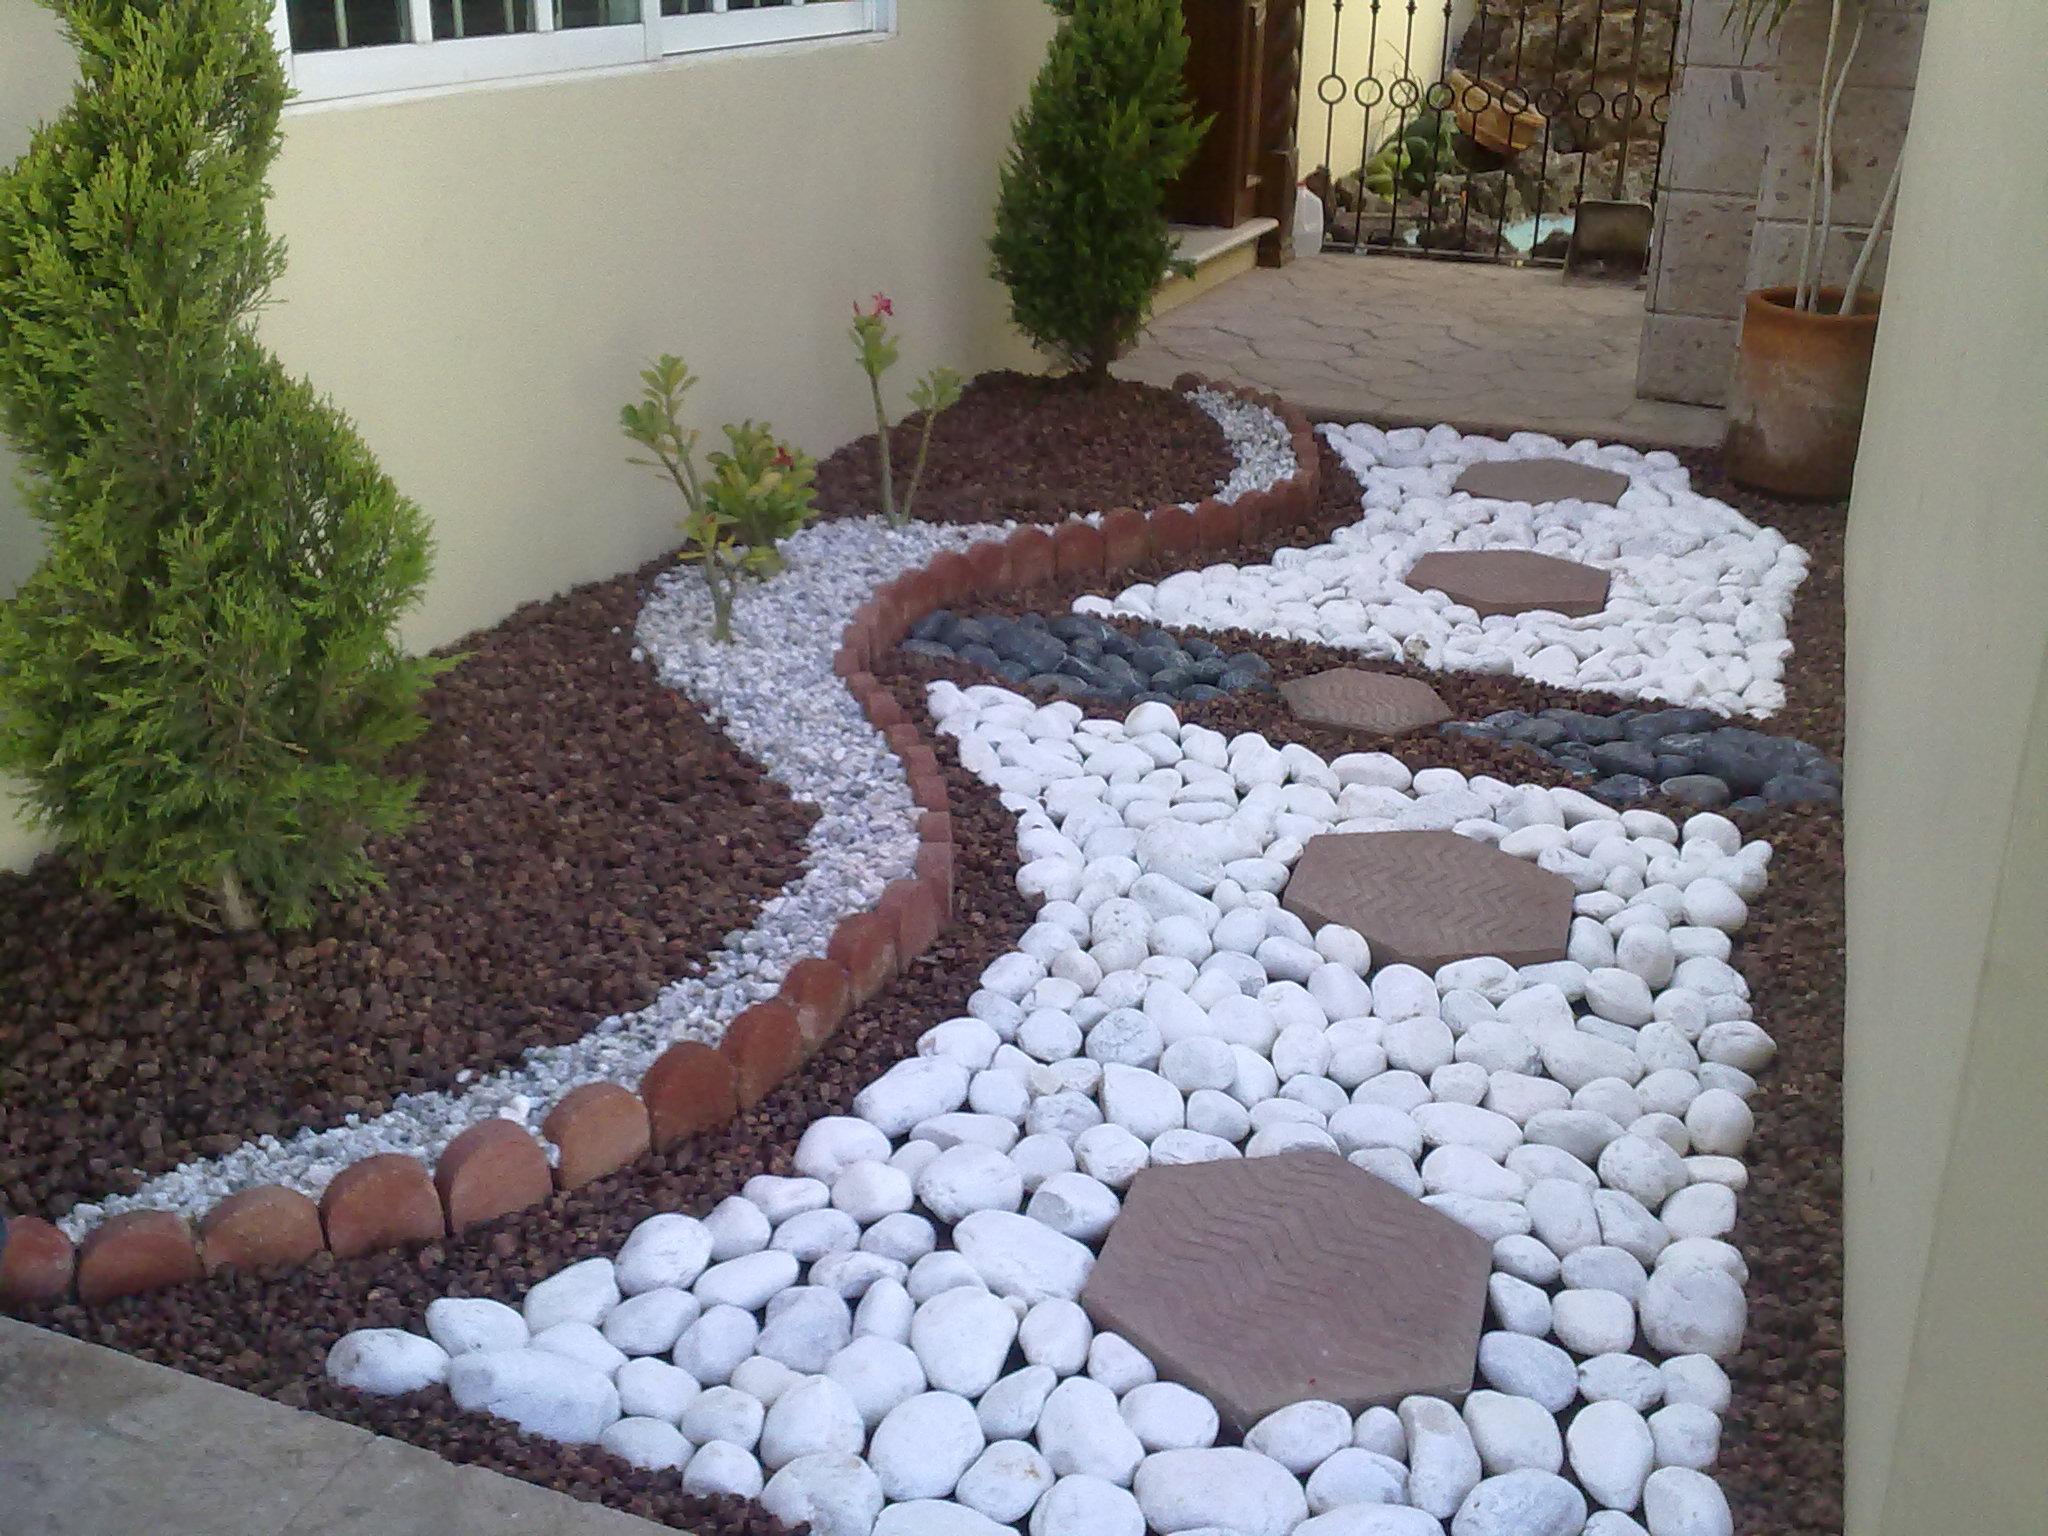 Dimant dise o y mantenimiento de jardines culiac n for Diseno jardines sin pasto